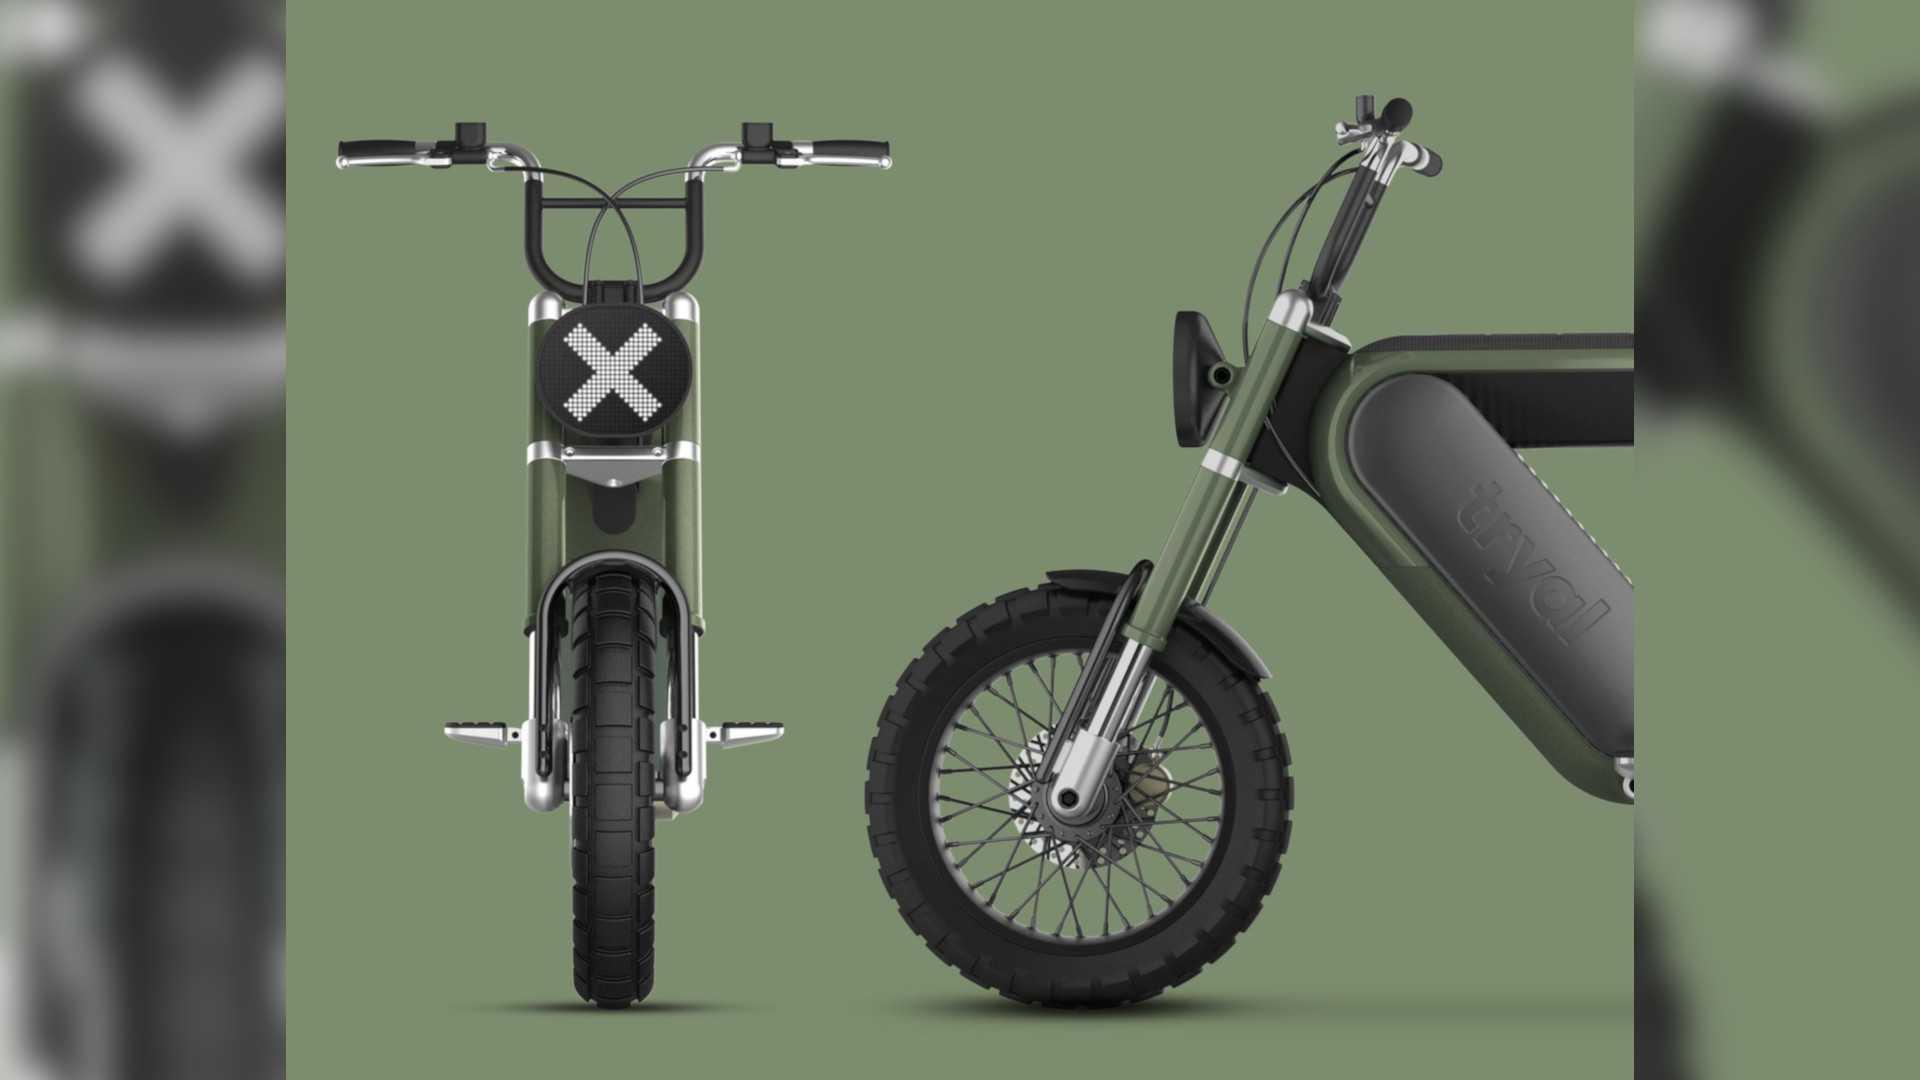 Необычный победитель конкурса дизайна от Rizoma